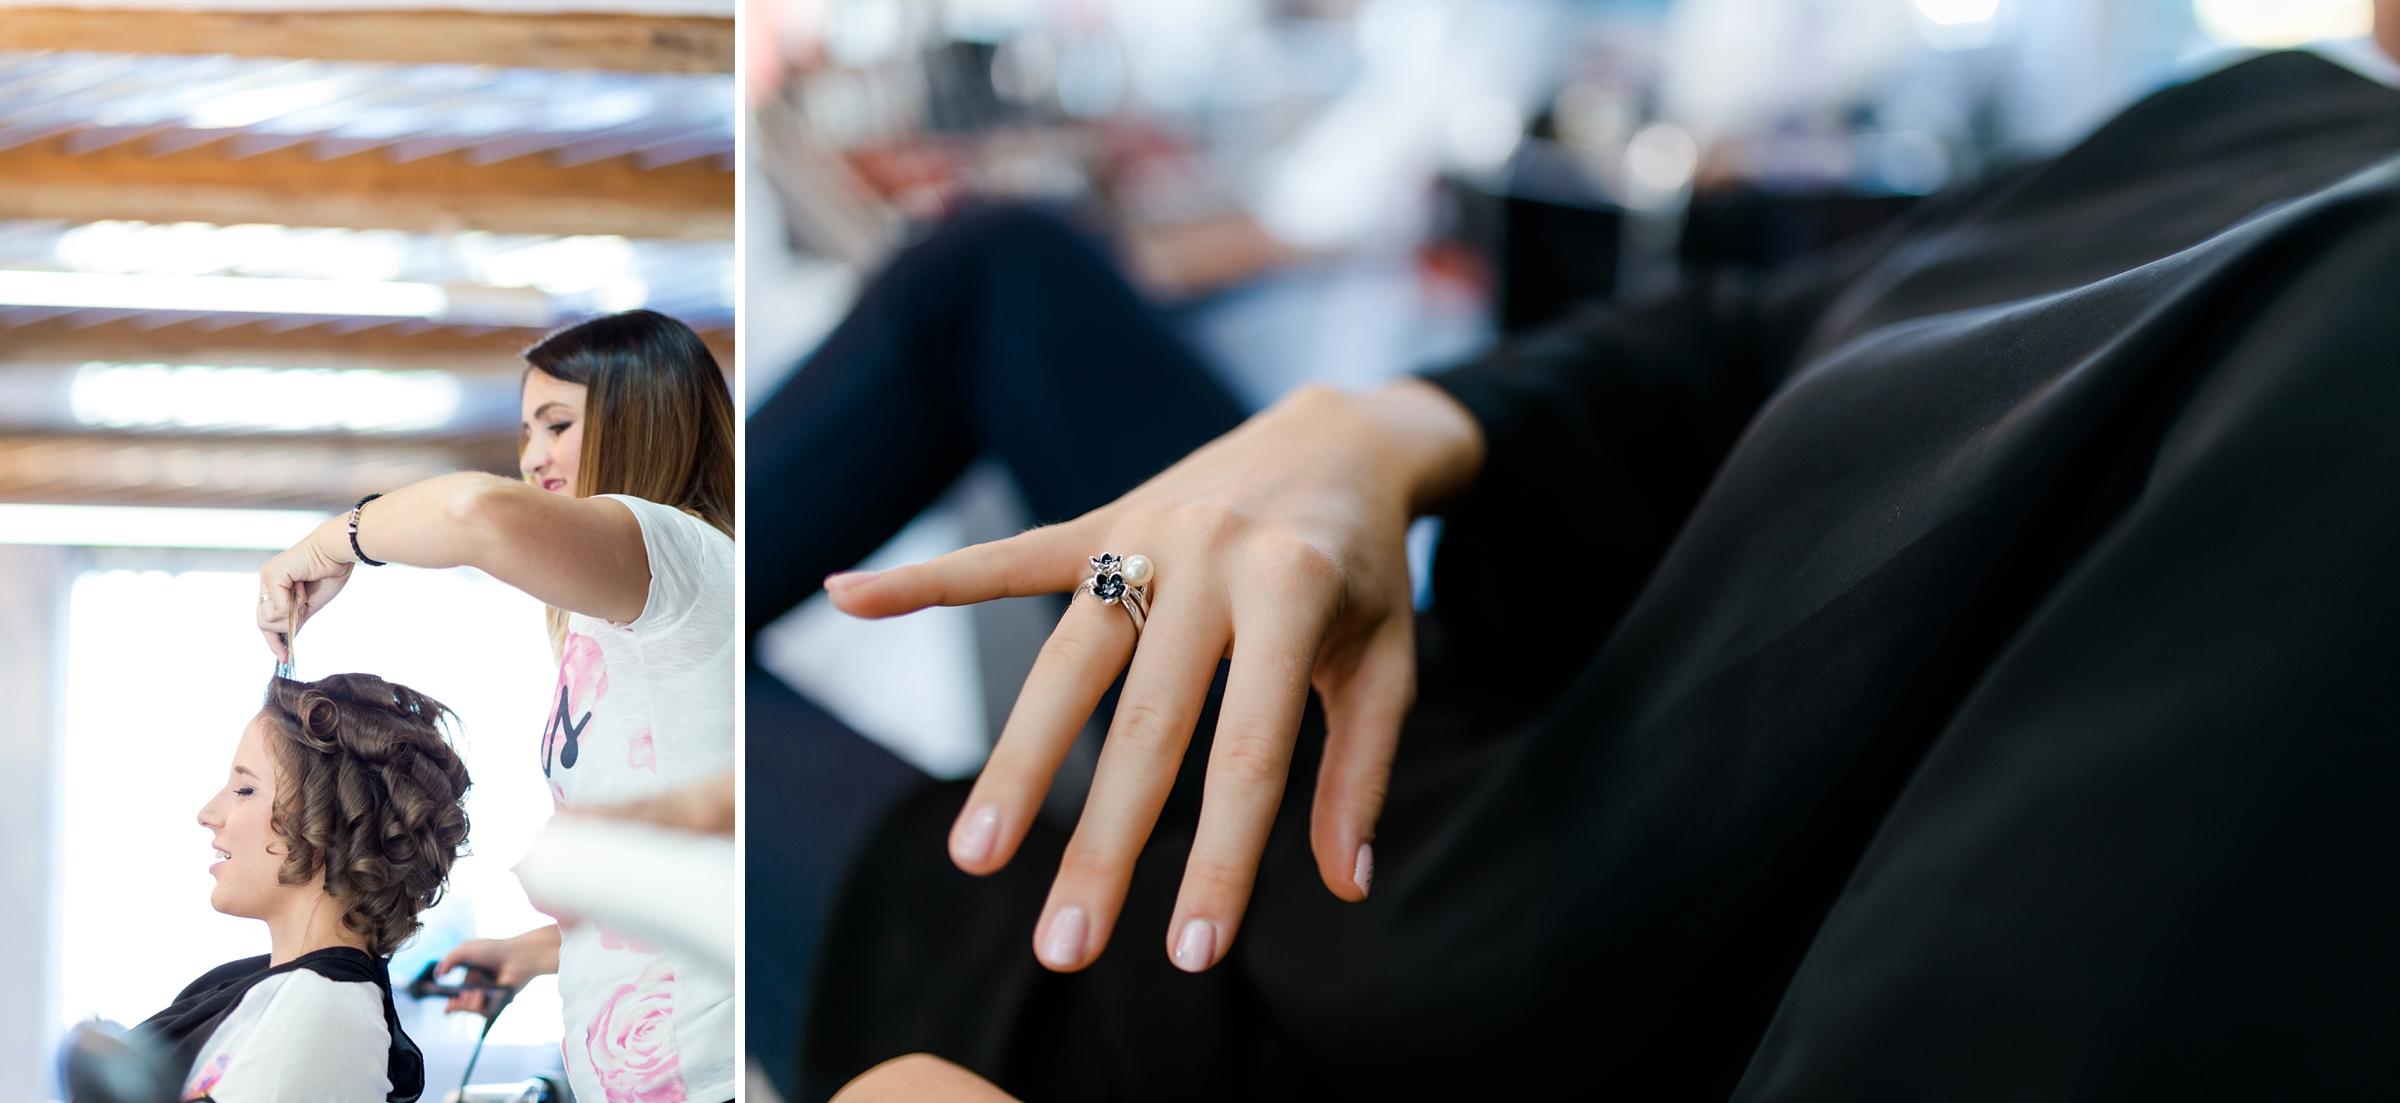 Hochzeitsreportage-Zuerich-Verlobungsring-Friseur-Brautvorbereitung